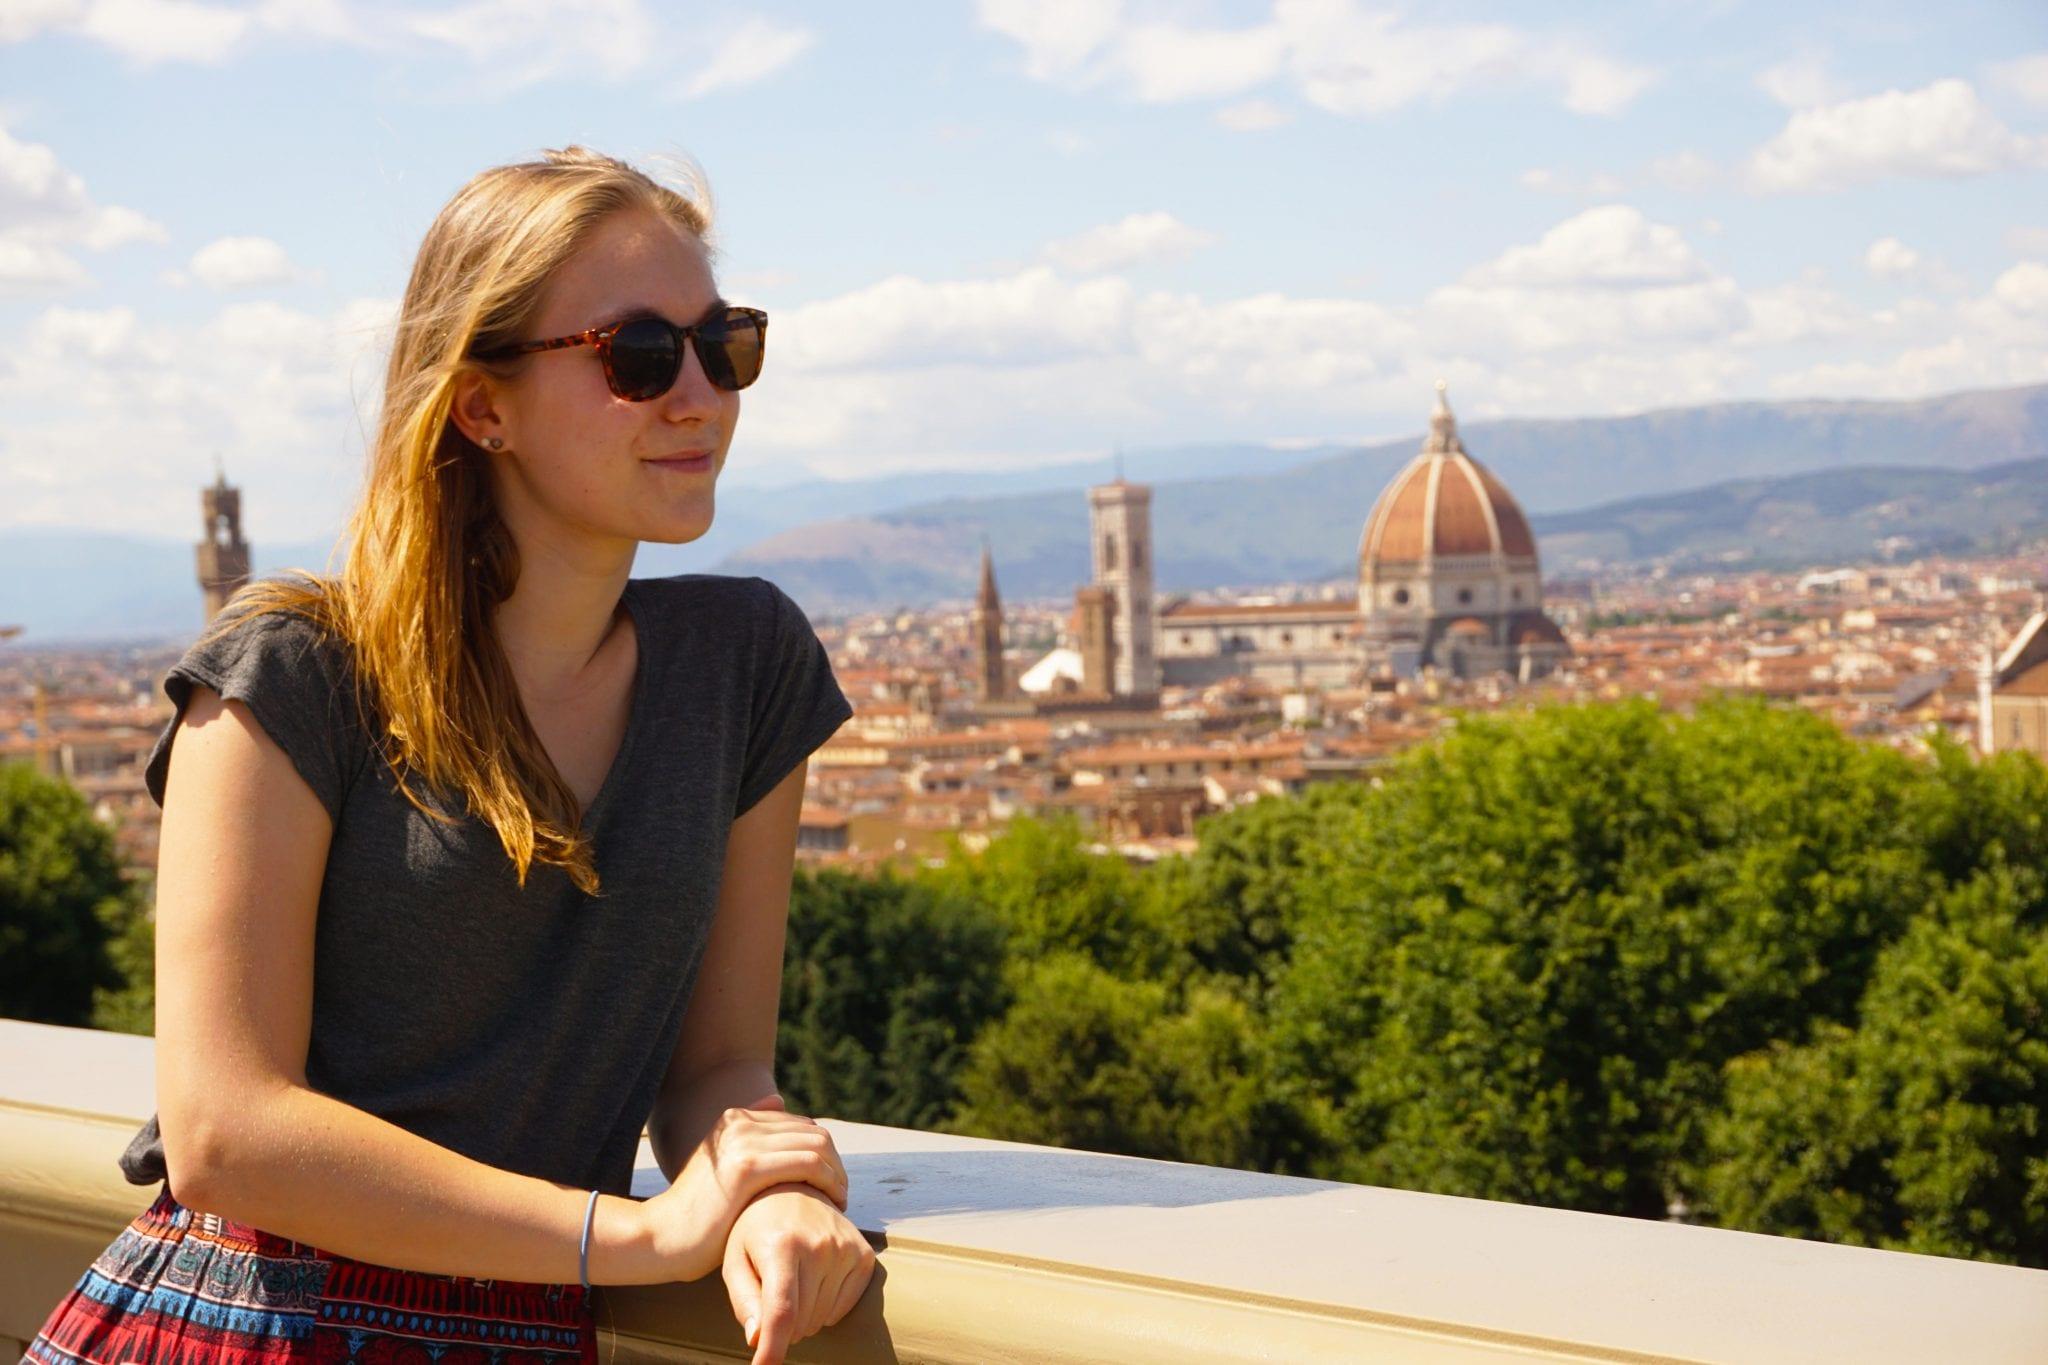 Stedentrip naar Toscane, uitzicht Florence